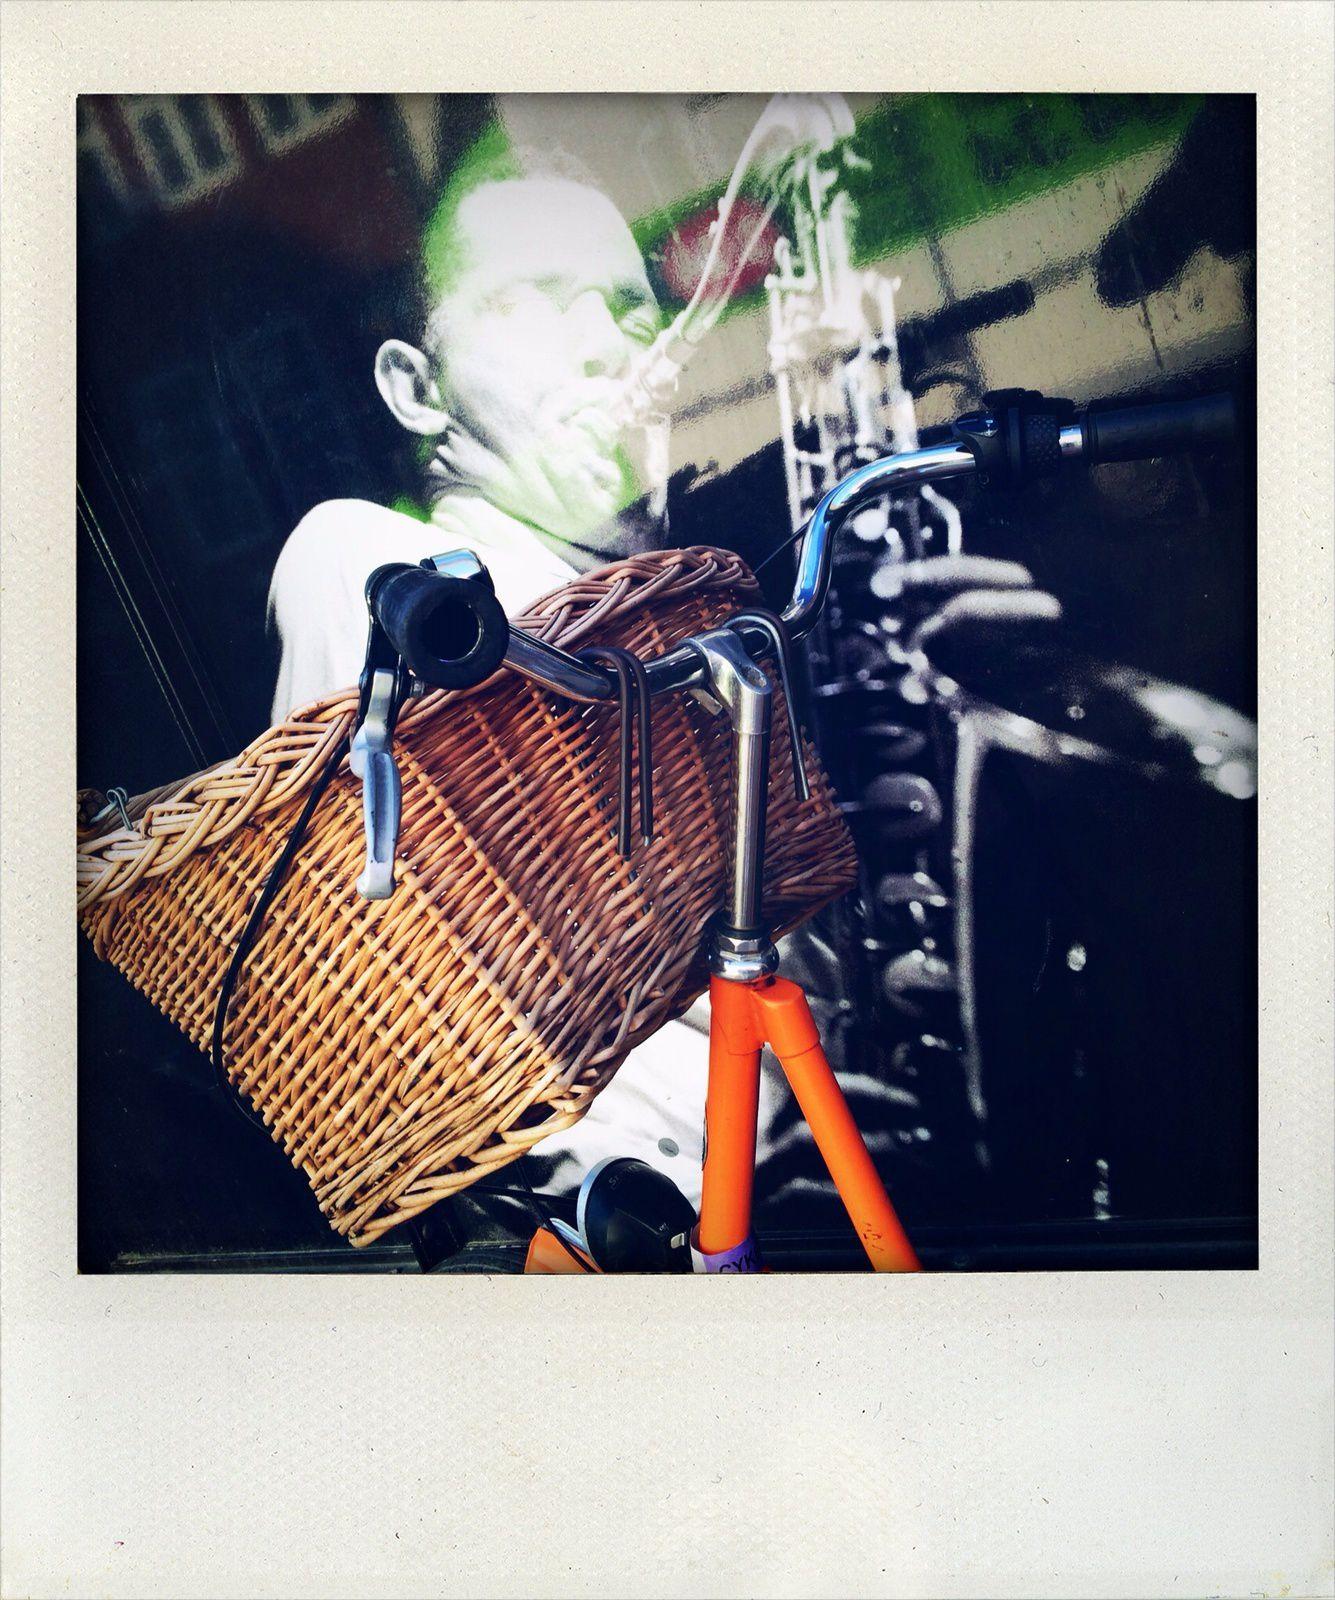 """Ici le vélo est considéré comme un instrument de musique : on en joue avec doigté et liberté à toute heure de la journée (Photo prise devant la fameuse salle du """"Jazzus à Montmartre"""")"""